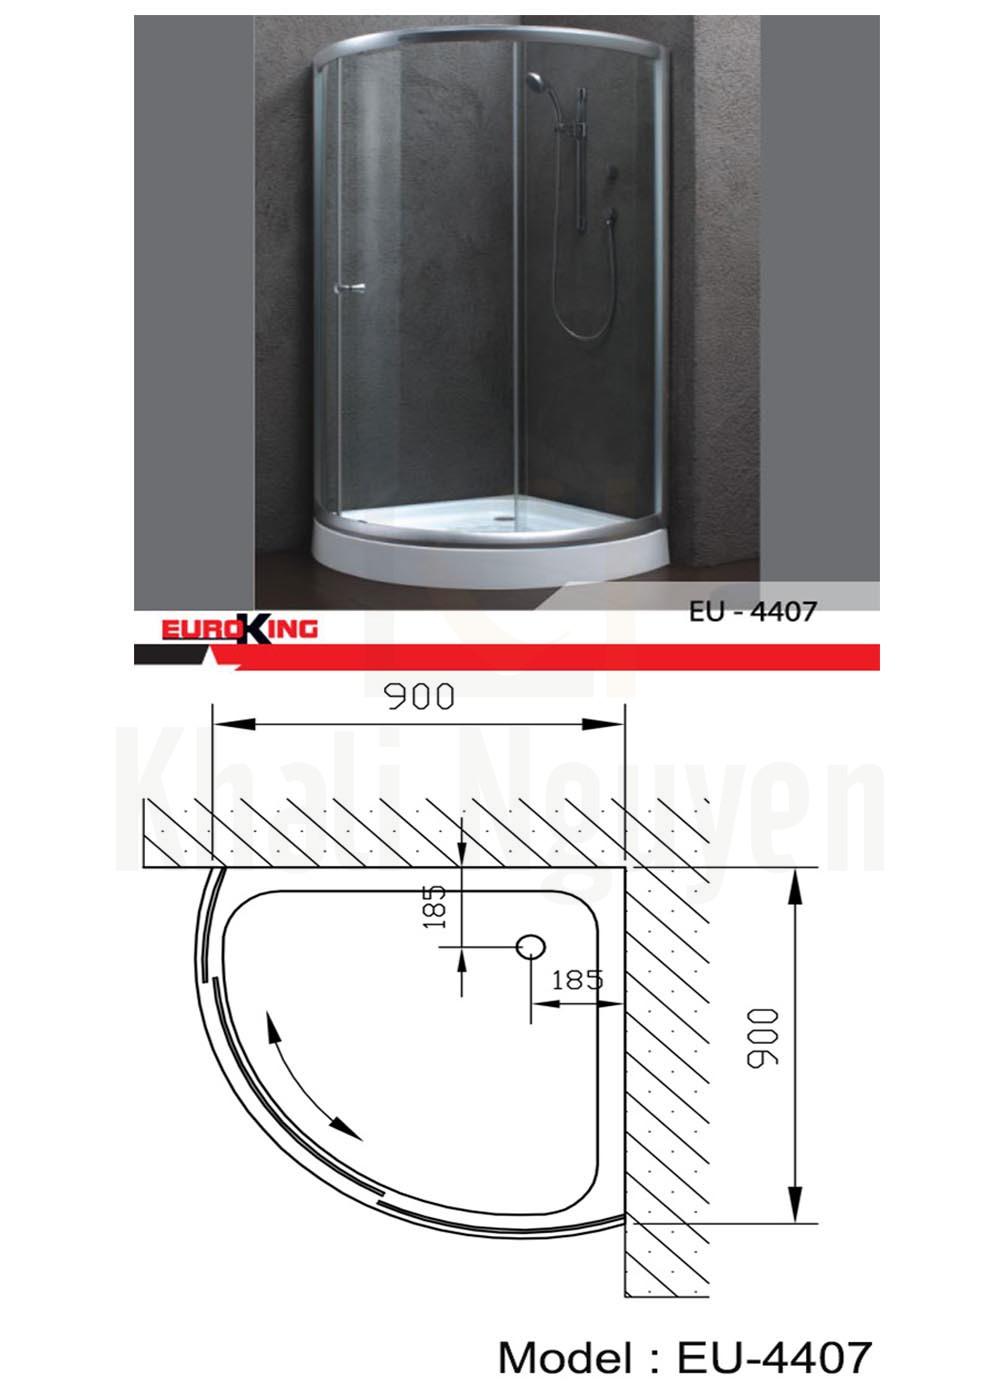 bản vẽ Phòng tắm vách kính Euroking EU-4407